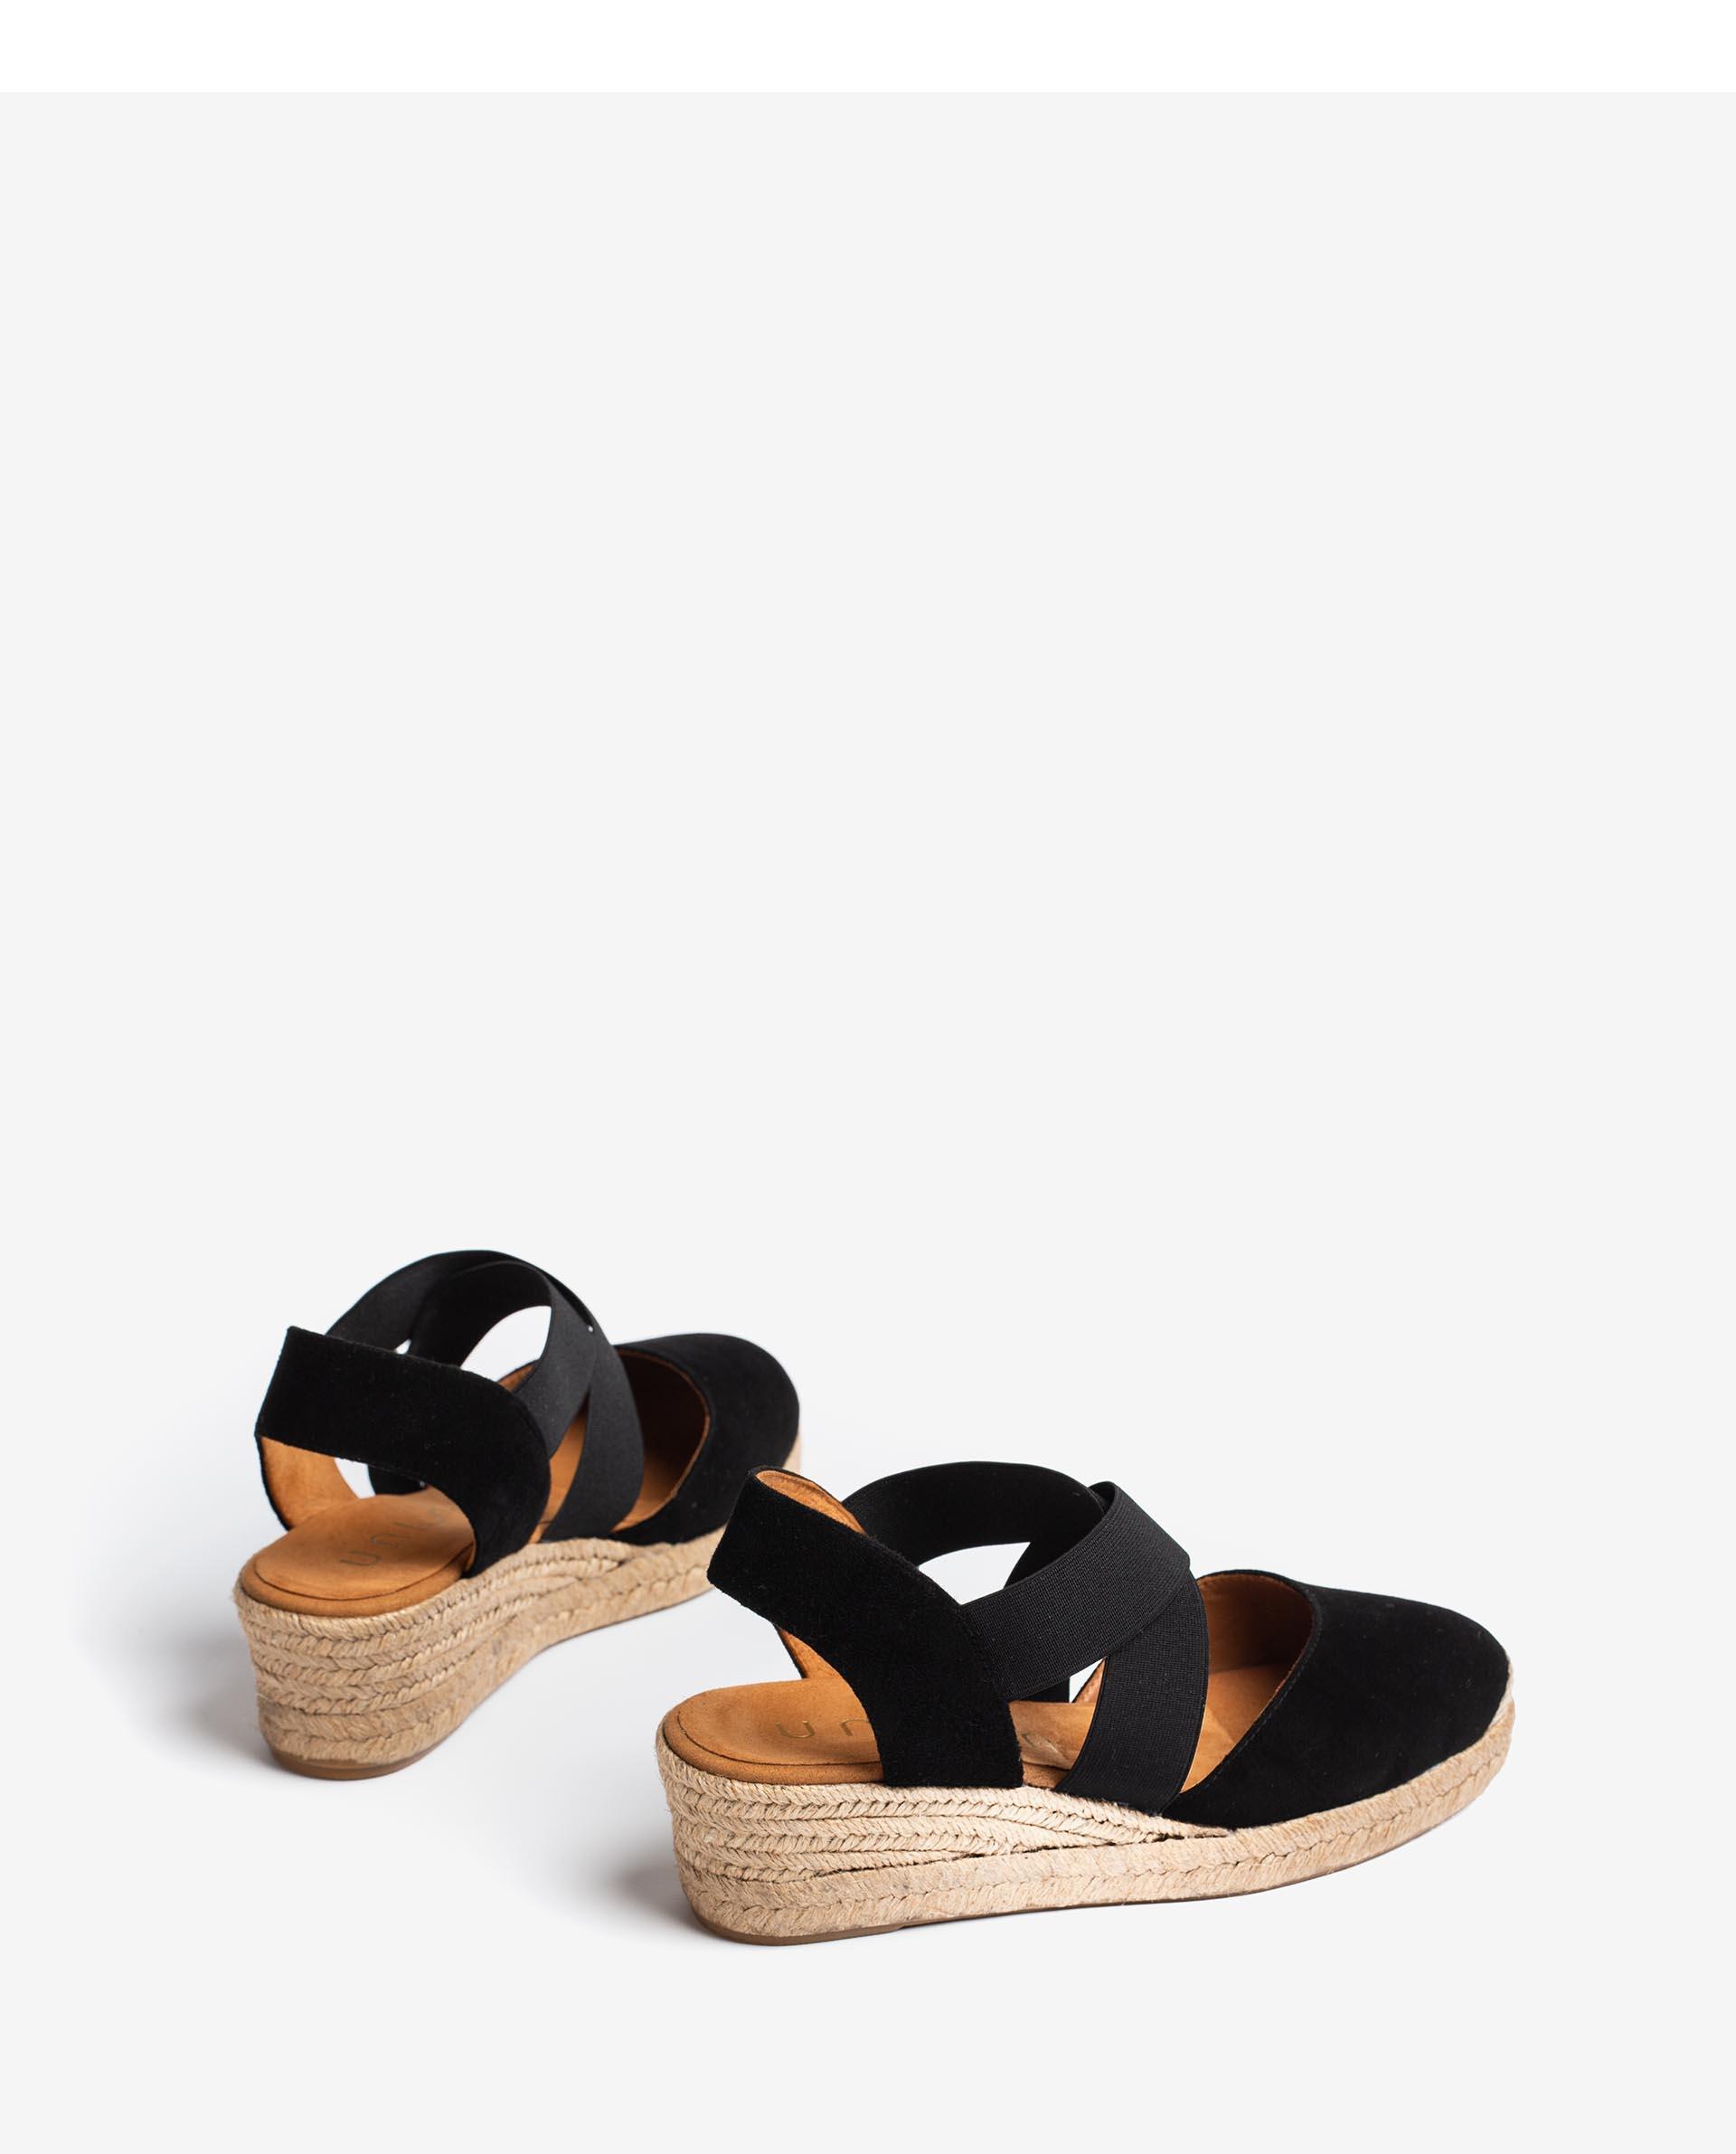 UNISA Elastic straps sandals CELE_21_KS 2